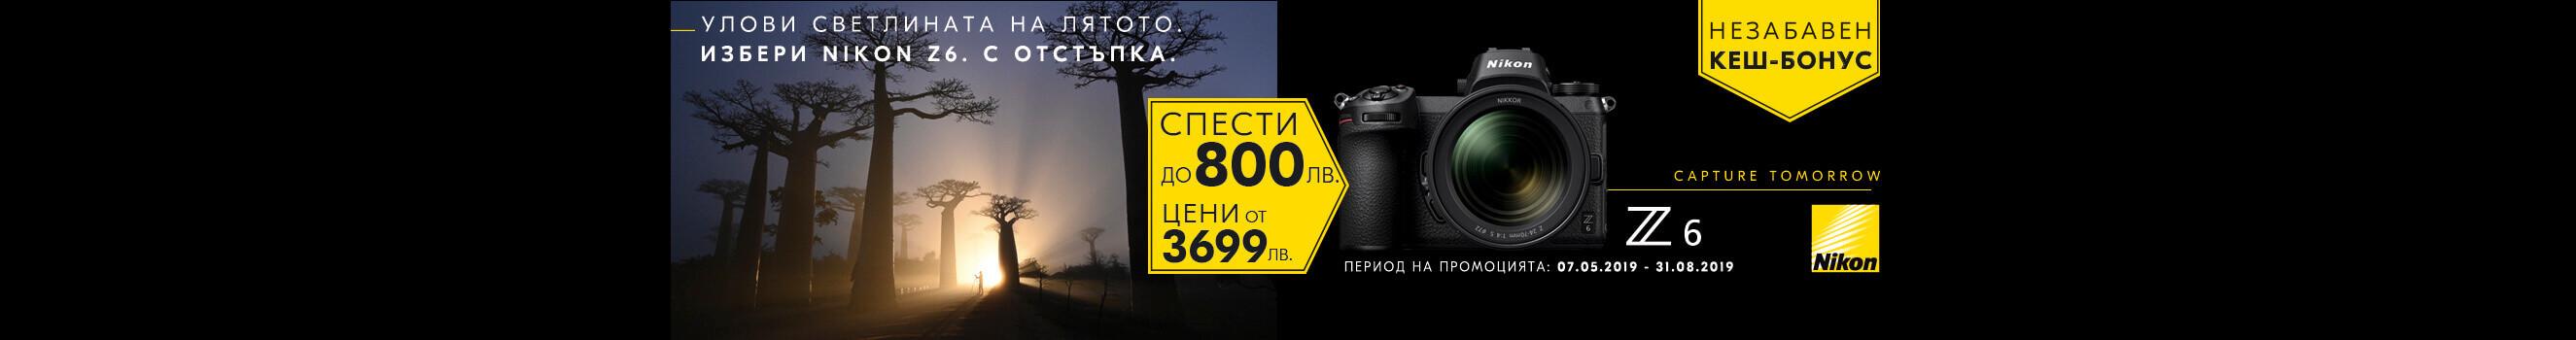 Camera Nikon Z6 at Promo Prices